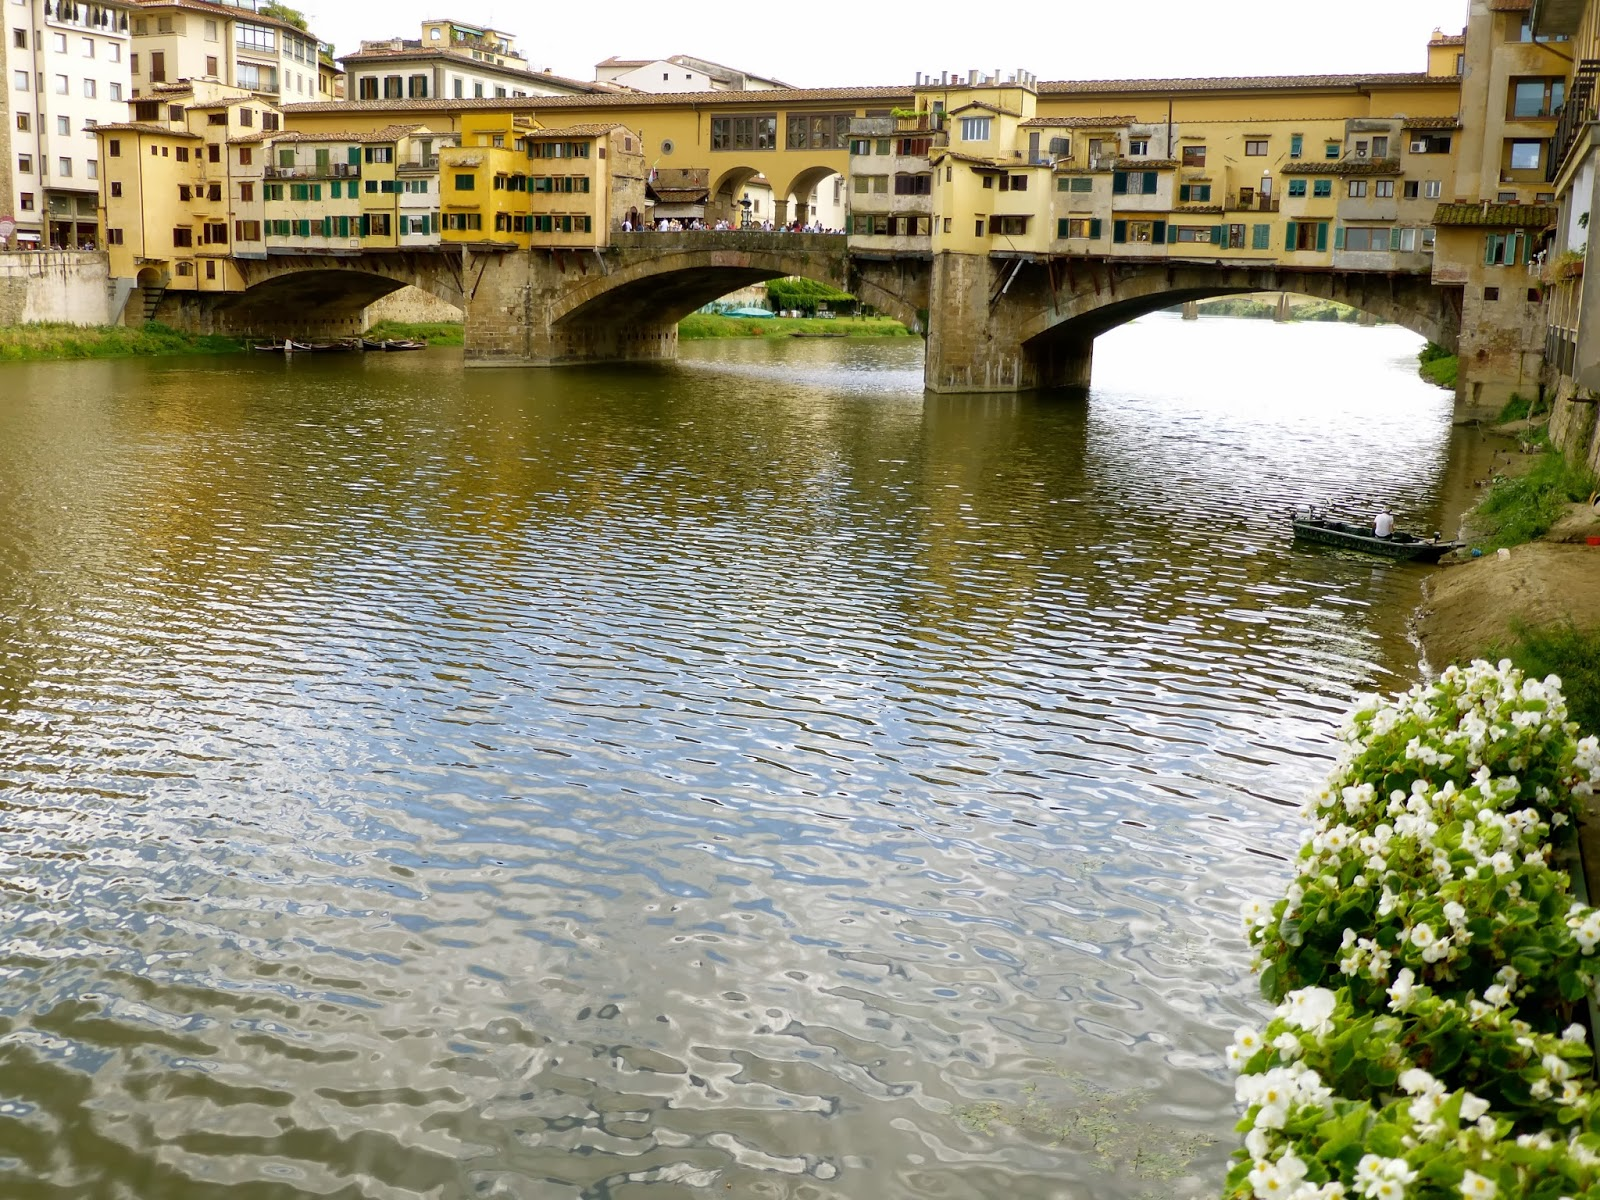 British Institute of Florence blog: The British Institute ...